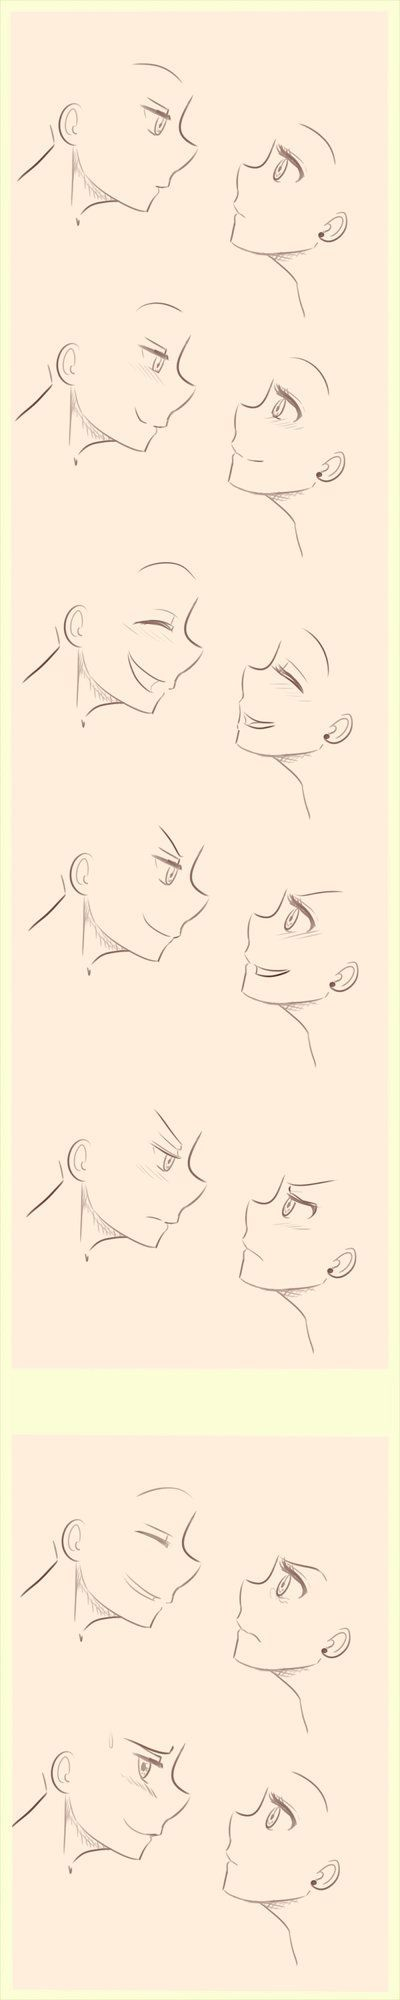 el arte de las emociones de pareja en anime...................es hermoso!